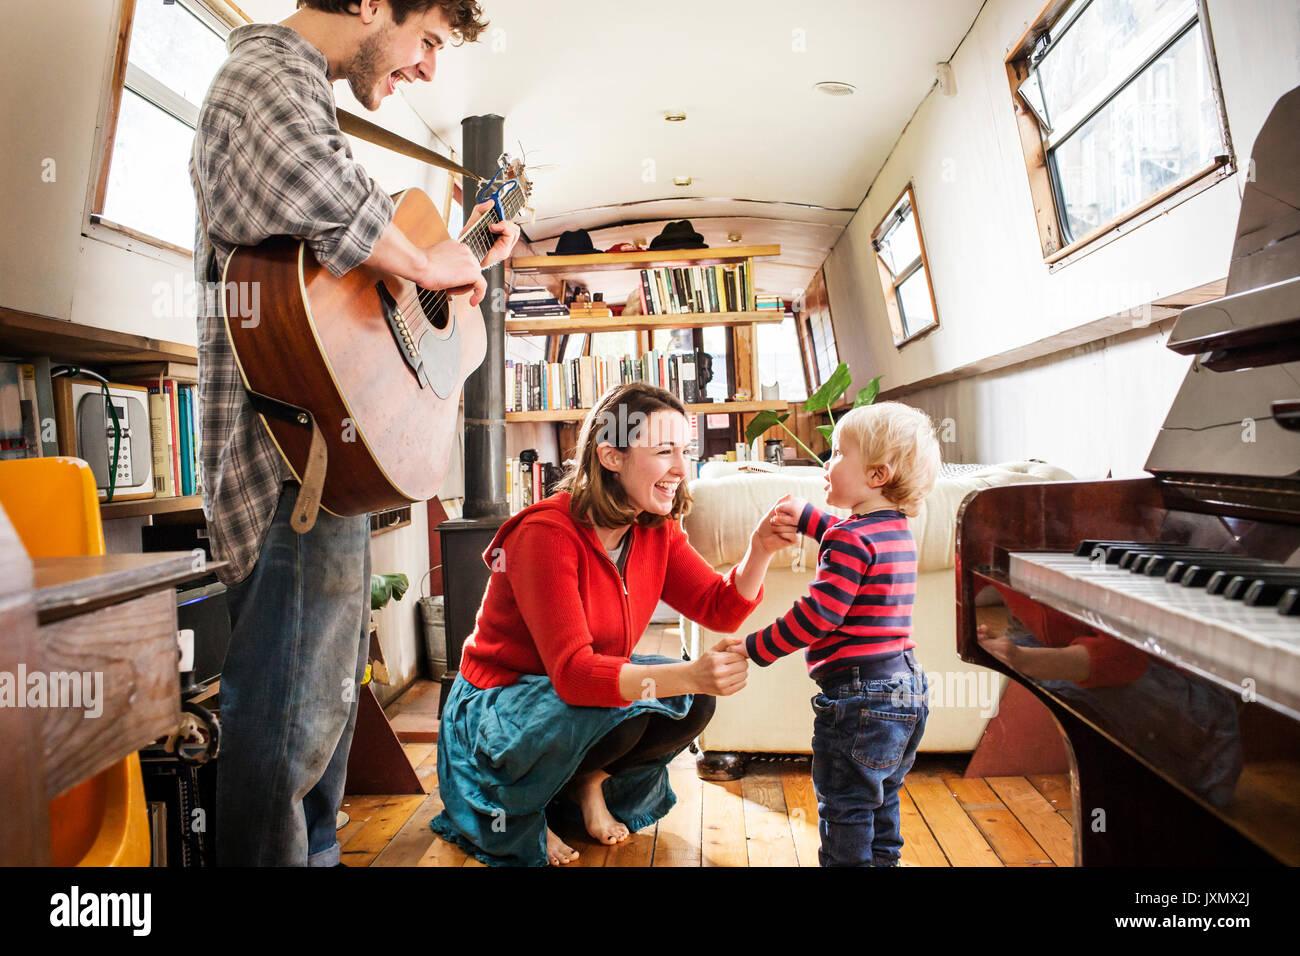 Famille avec bébé garçon vivant sur barge à jouer de la guitare et de la danse Photo Stock